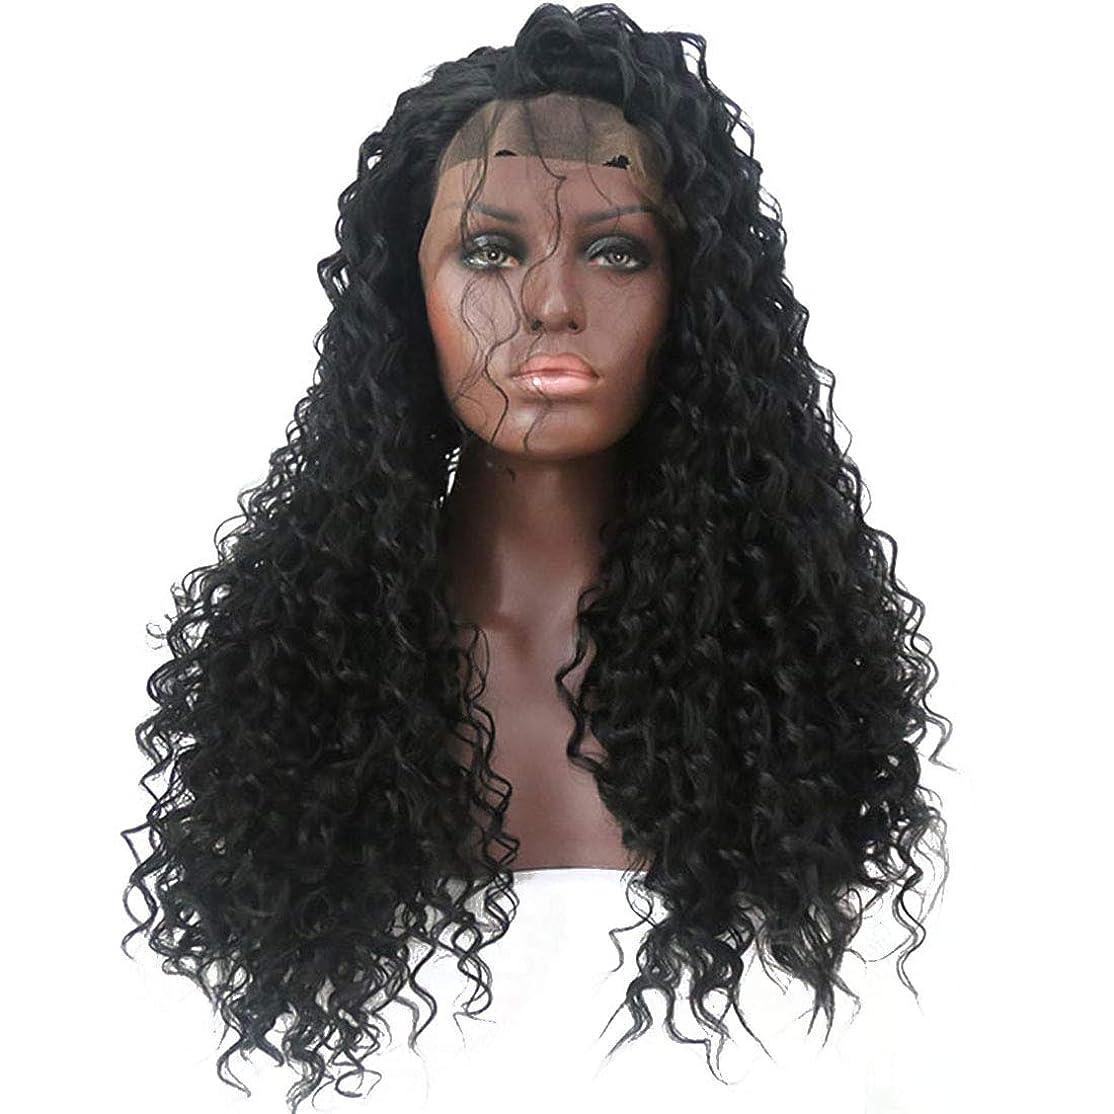 リブさまようボードYrattary かつらヨーロッパとアメリカの女性小容量黒ケミカルファイバーヘアフロントレースウィッグヘッドギア複合ヘアレースウィッグロールプレイングかつら (色 : 黒, サイズ : 24 inches)